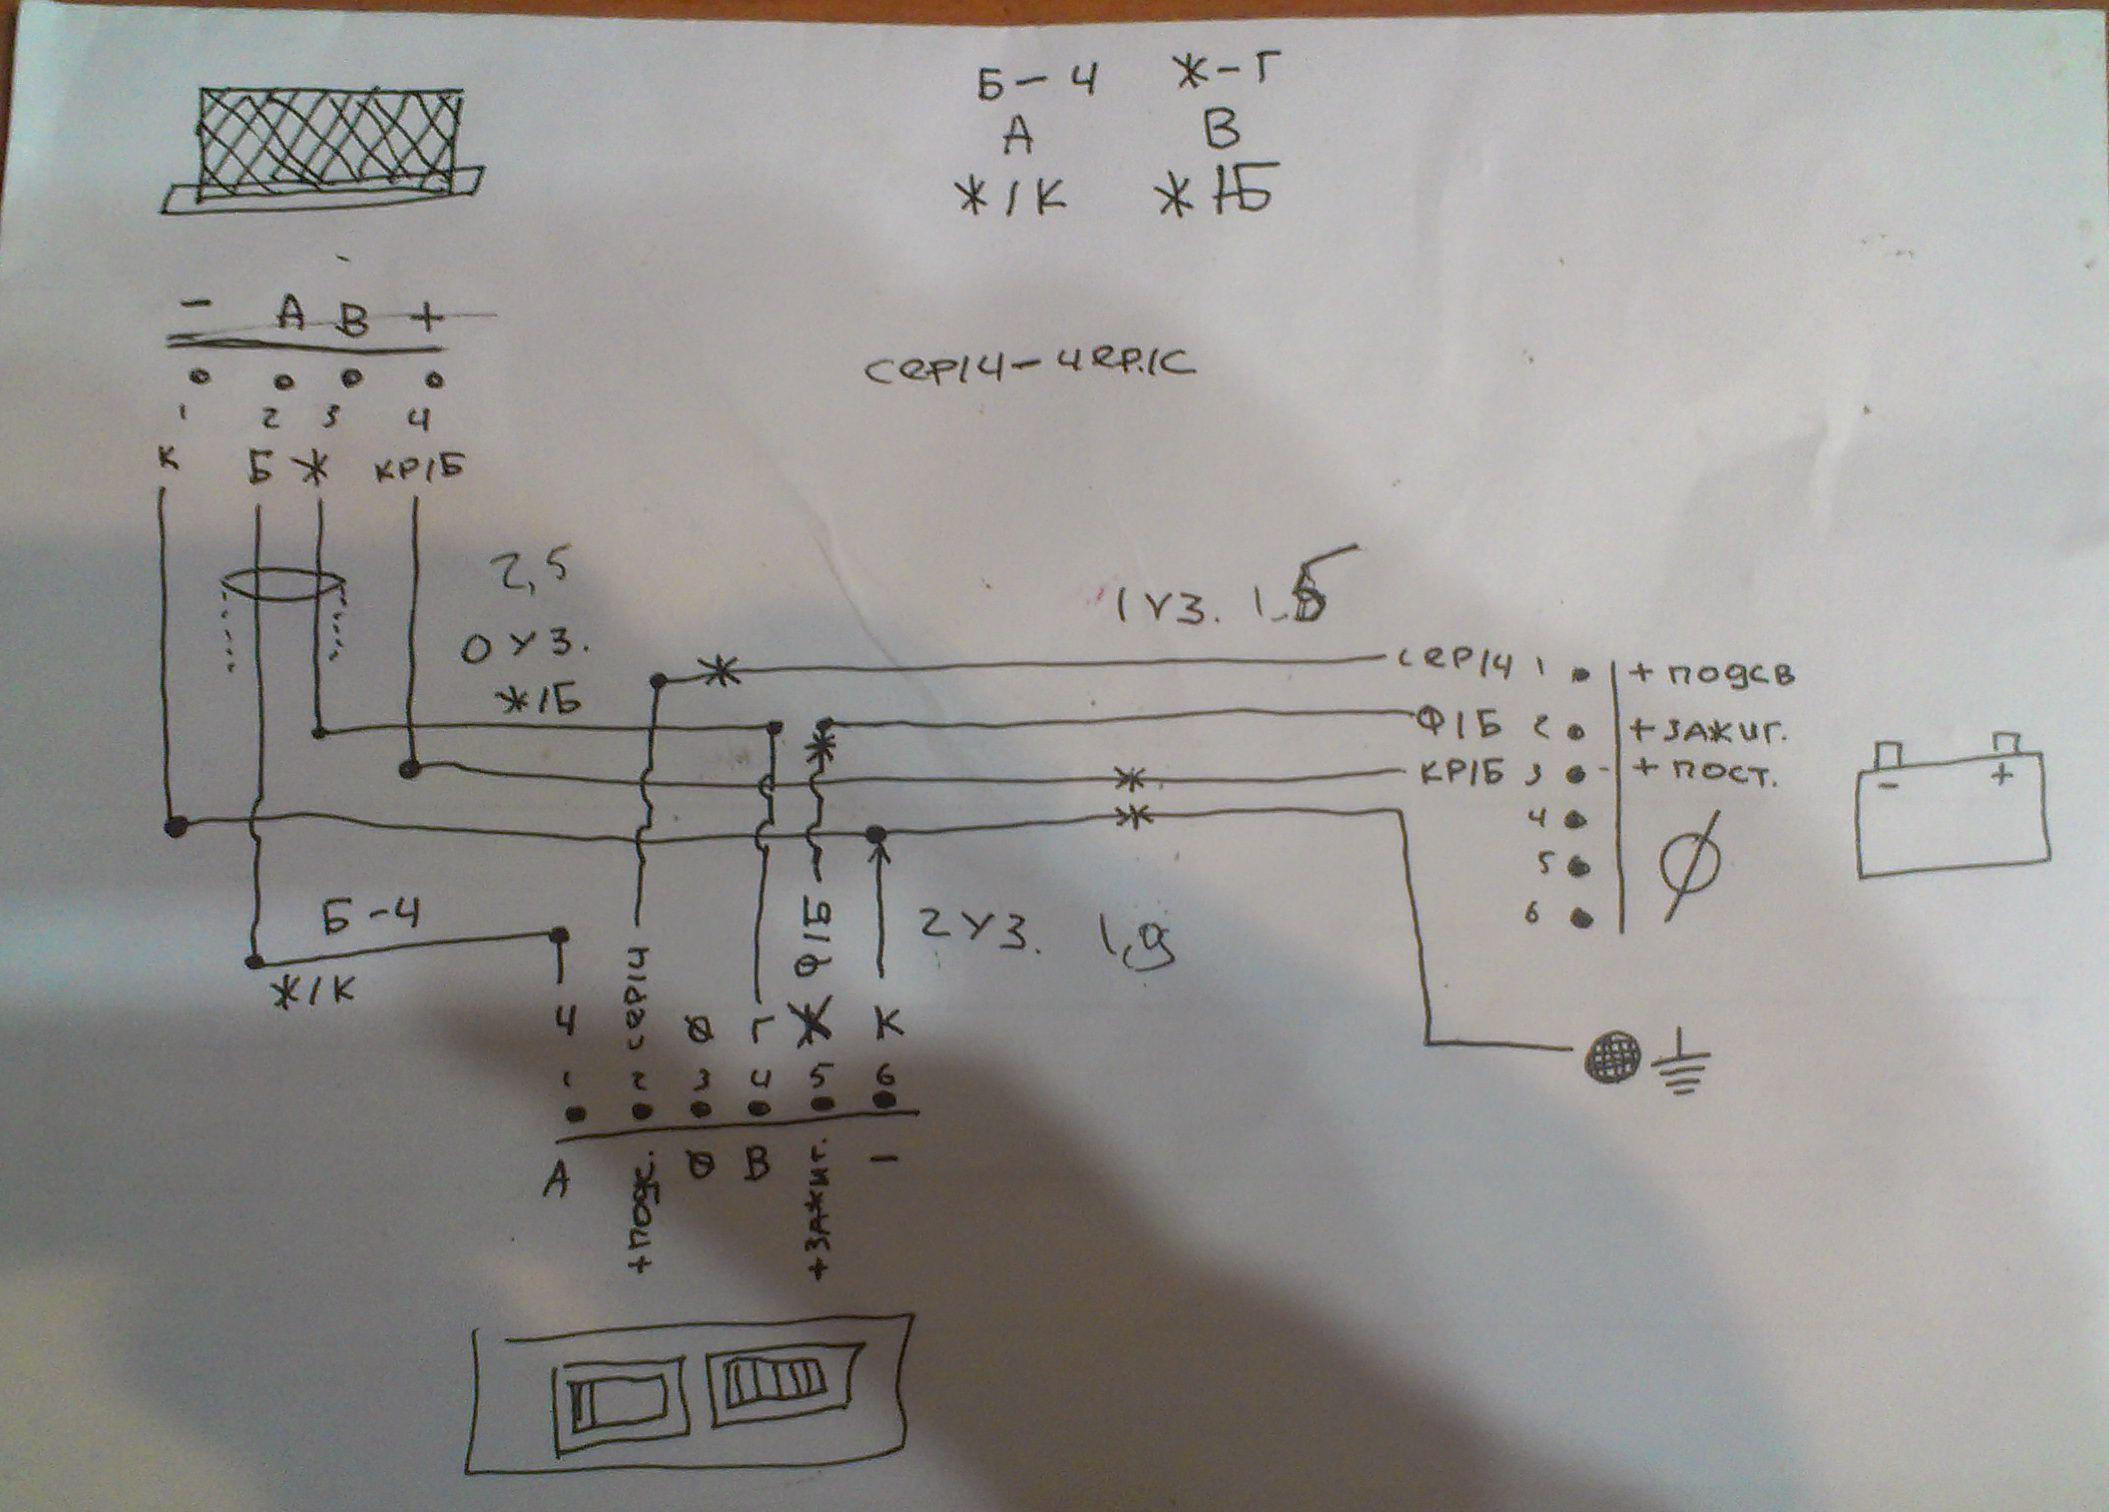 е 39 бмв электро схема